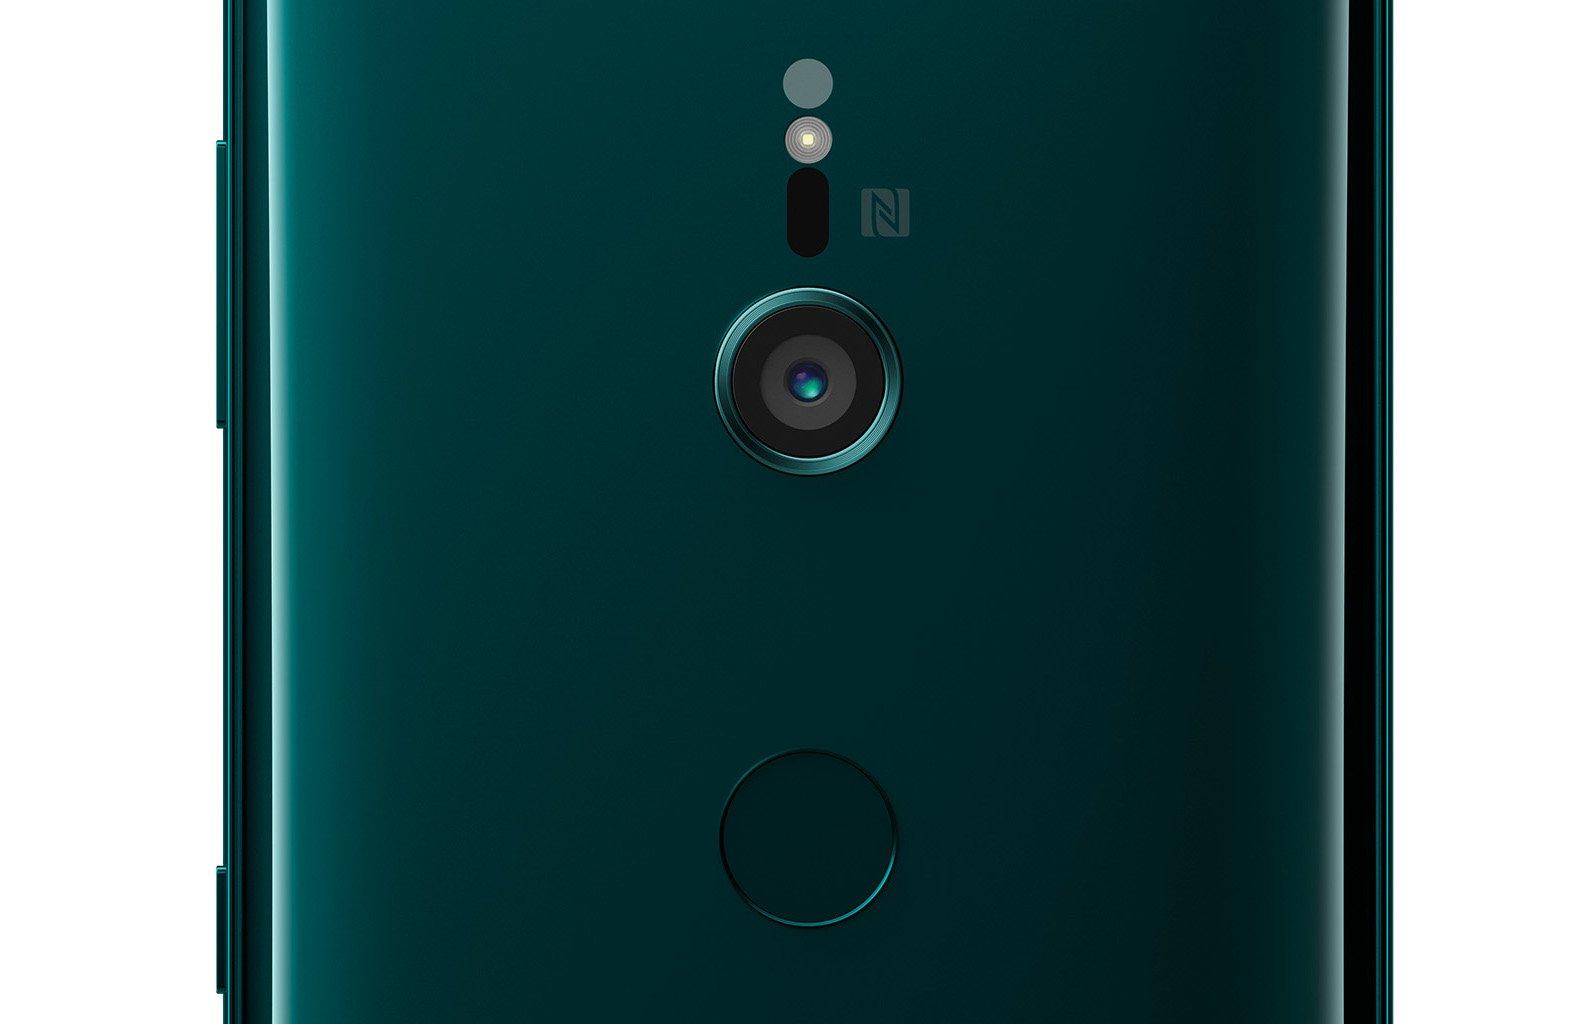 Die Kamera des Sony Xperia XZ3 muss mit einer Linse auskommen. Der Fingerabdrucksensor in gebührendem Abstand (Bild: Sony)